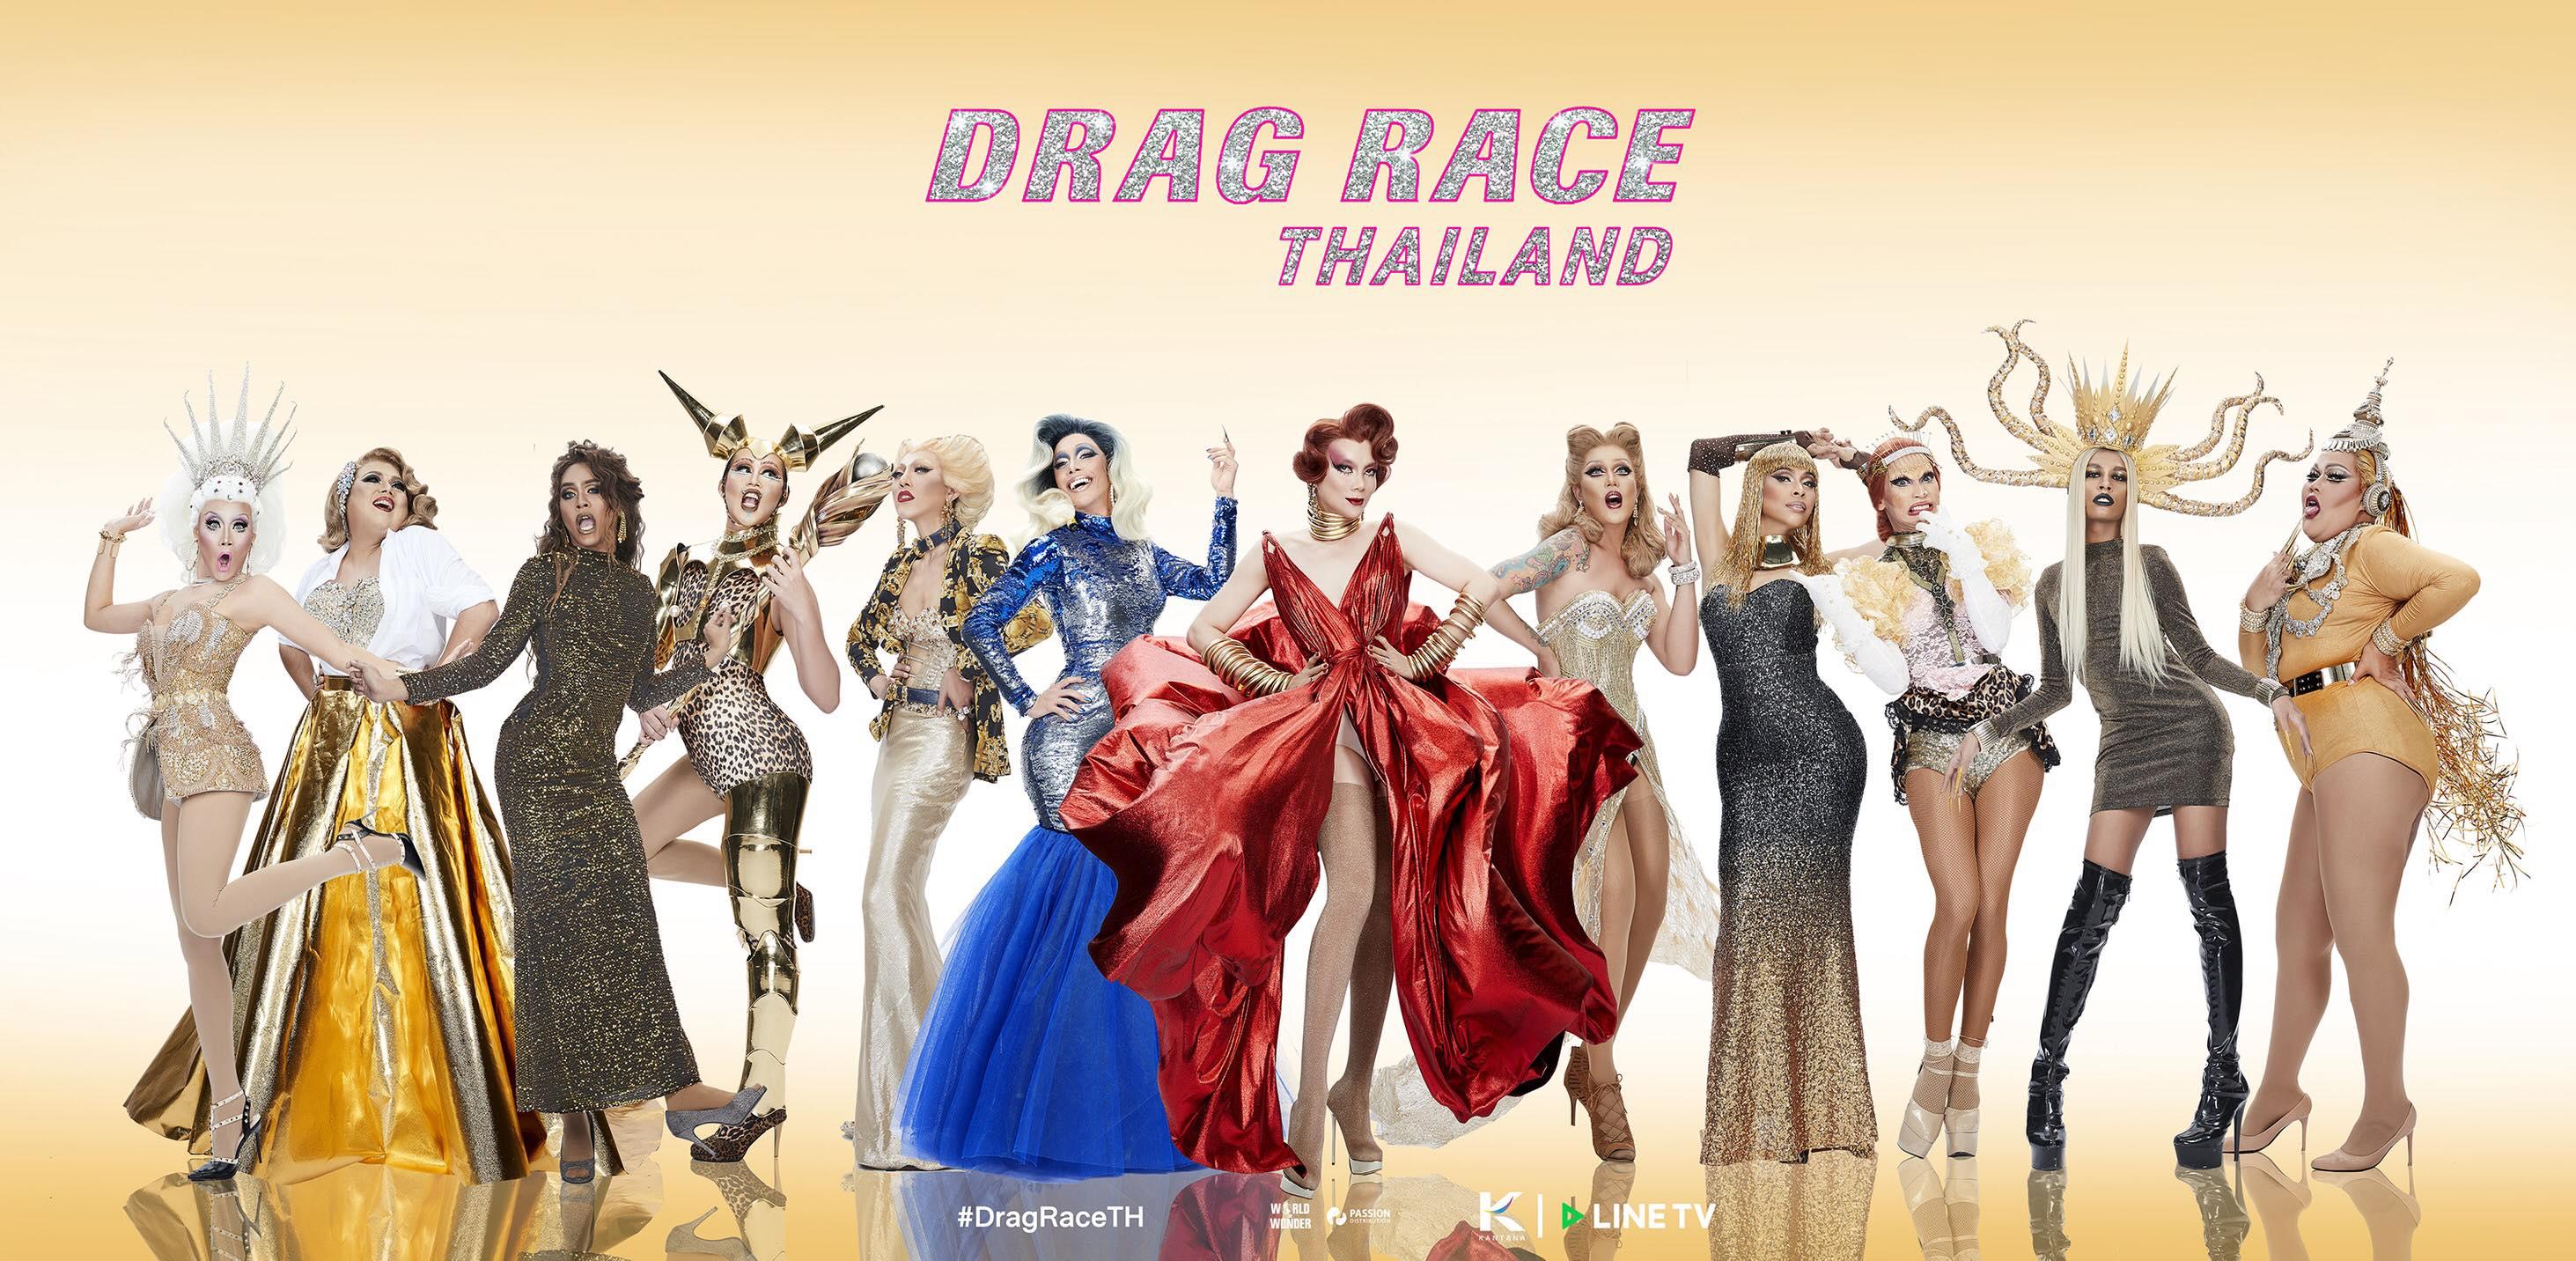 Drage Race Thailand ついにフィナーレ!優勝者は!?(ネタバレ注意)